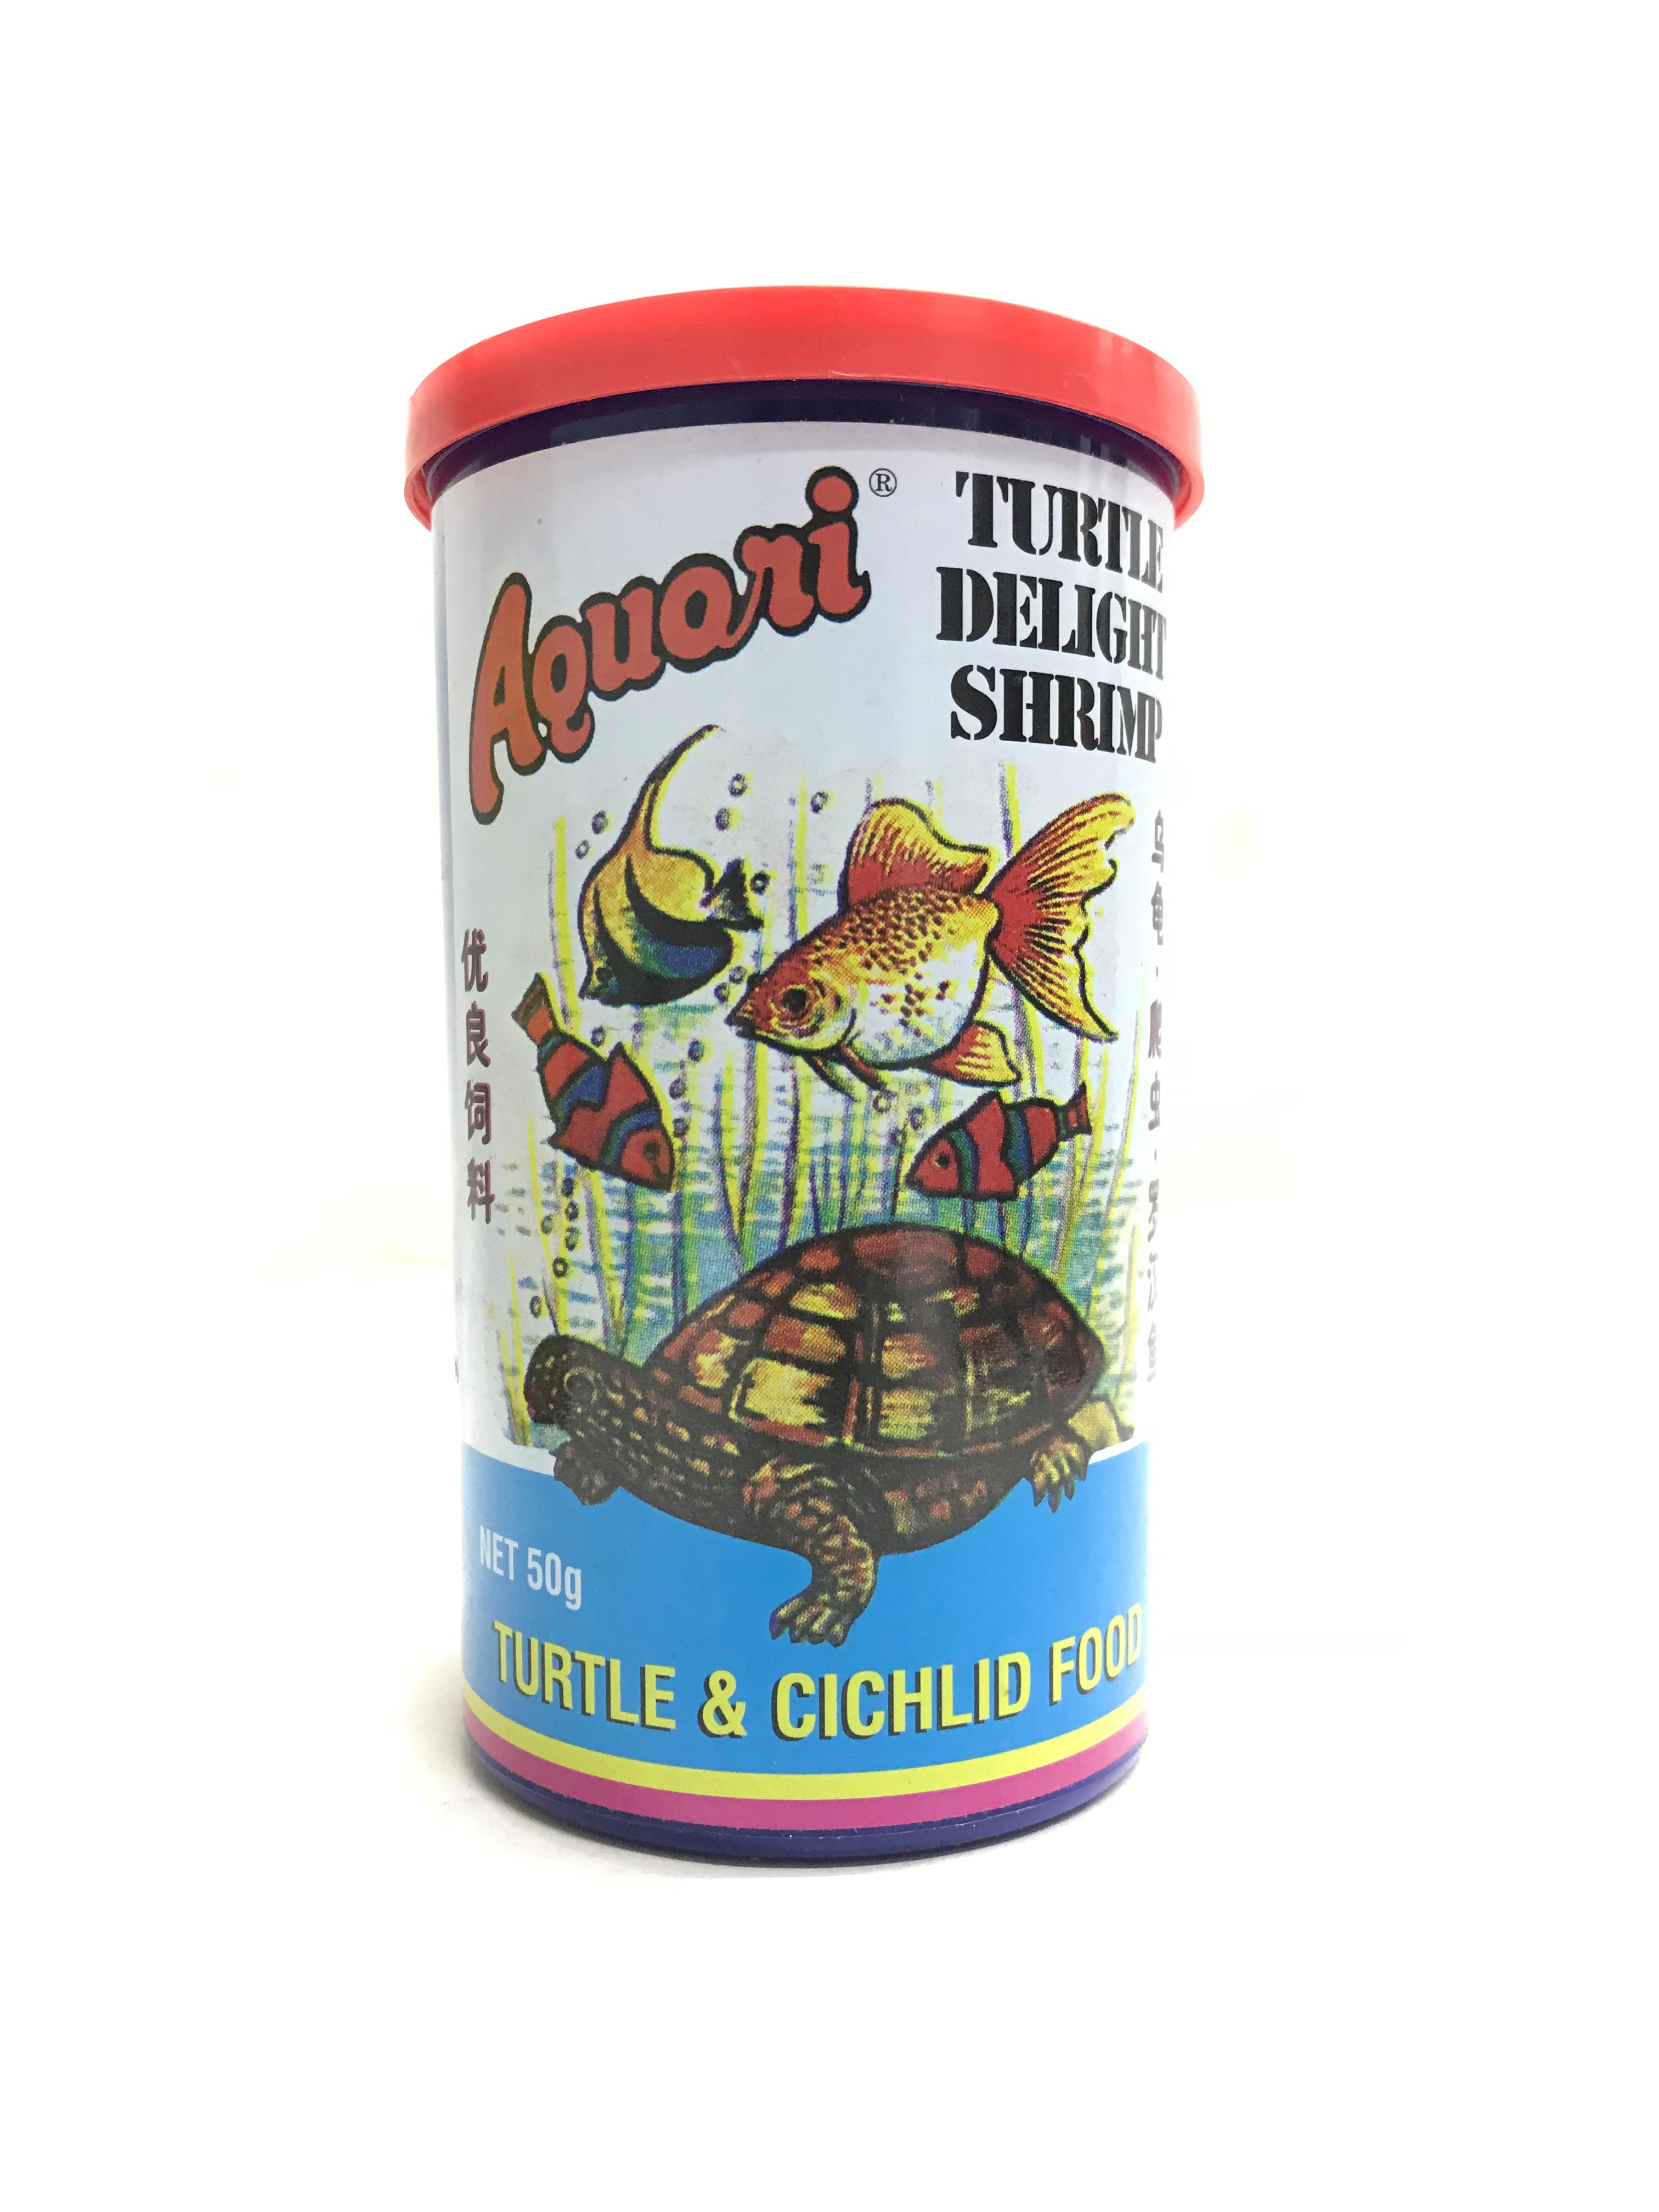 Aquori Turtle Delight Shrimp